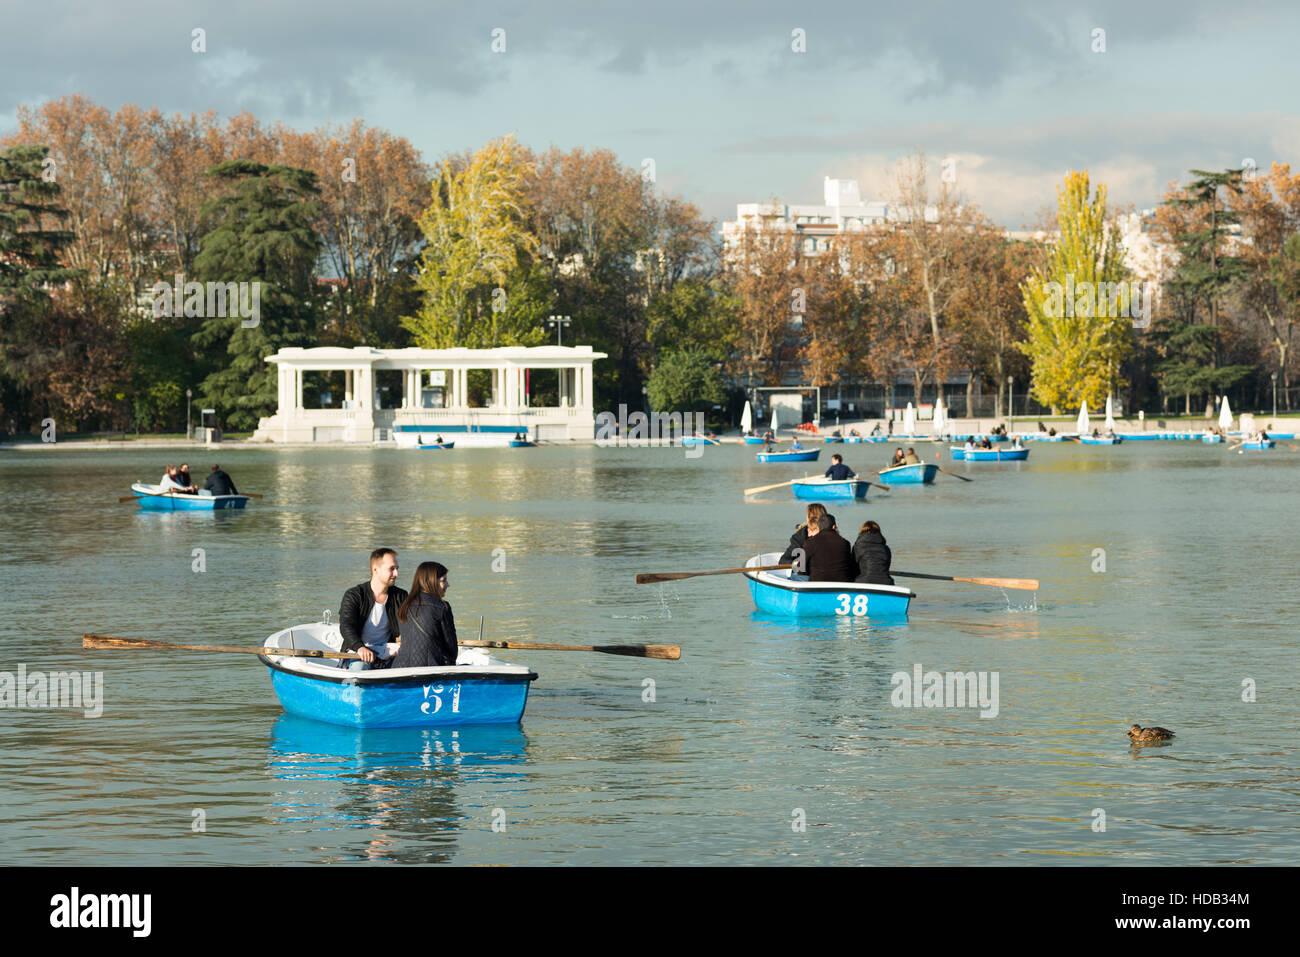 Boating on the lake in Retiro park in Madrid, Spain. - Stock Image